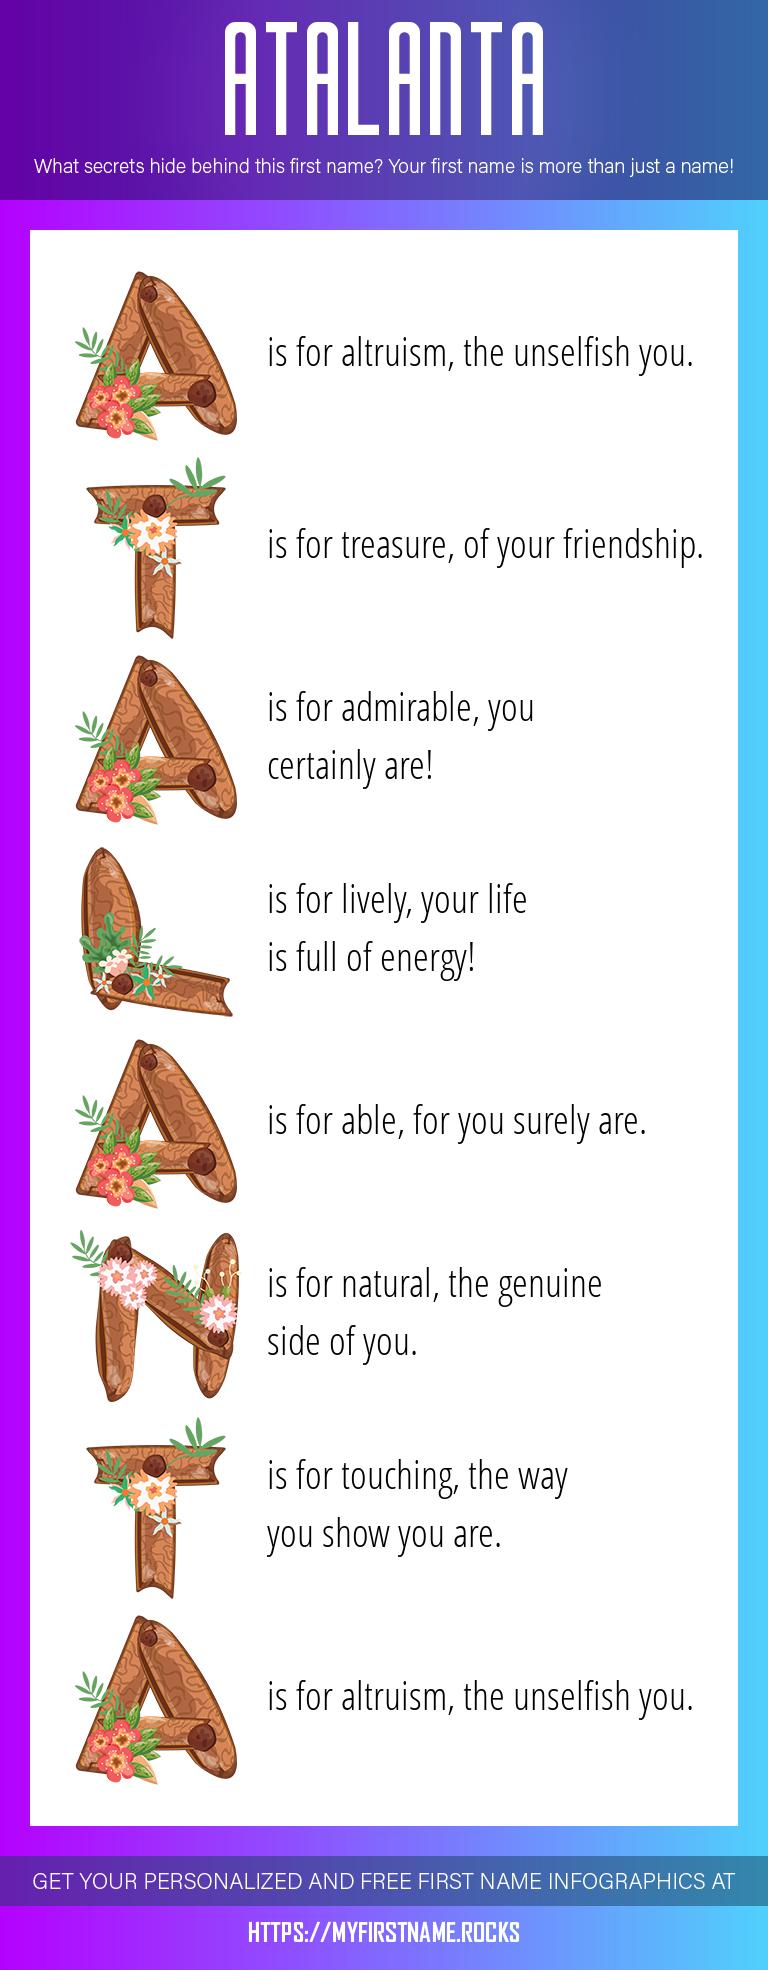 Atalanta Infographics